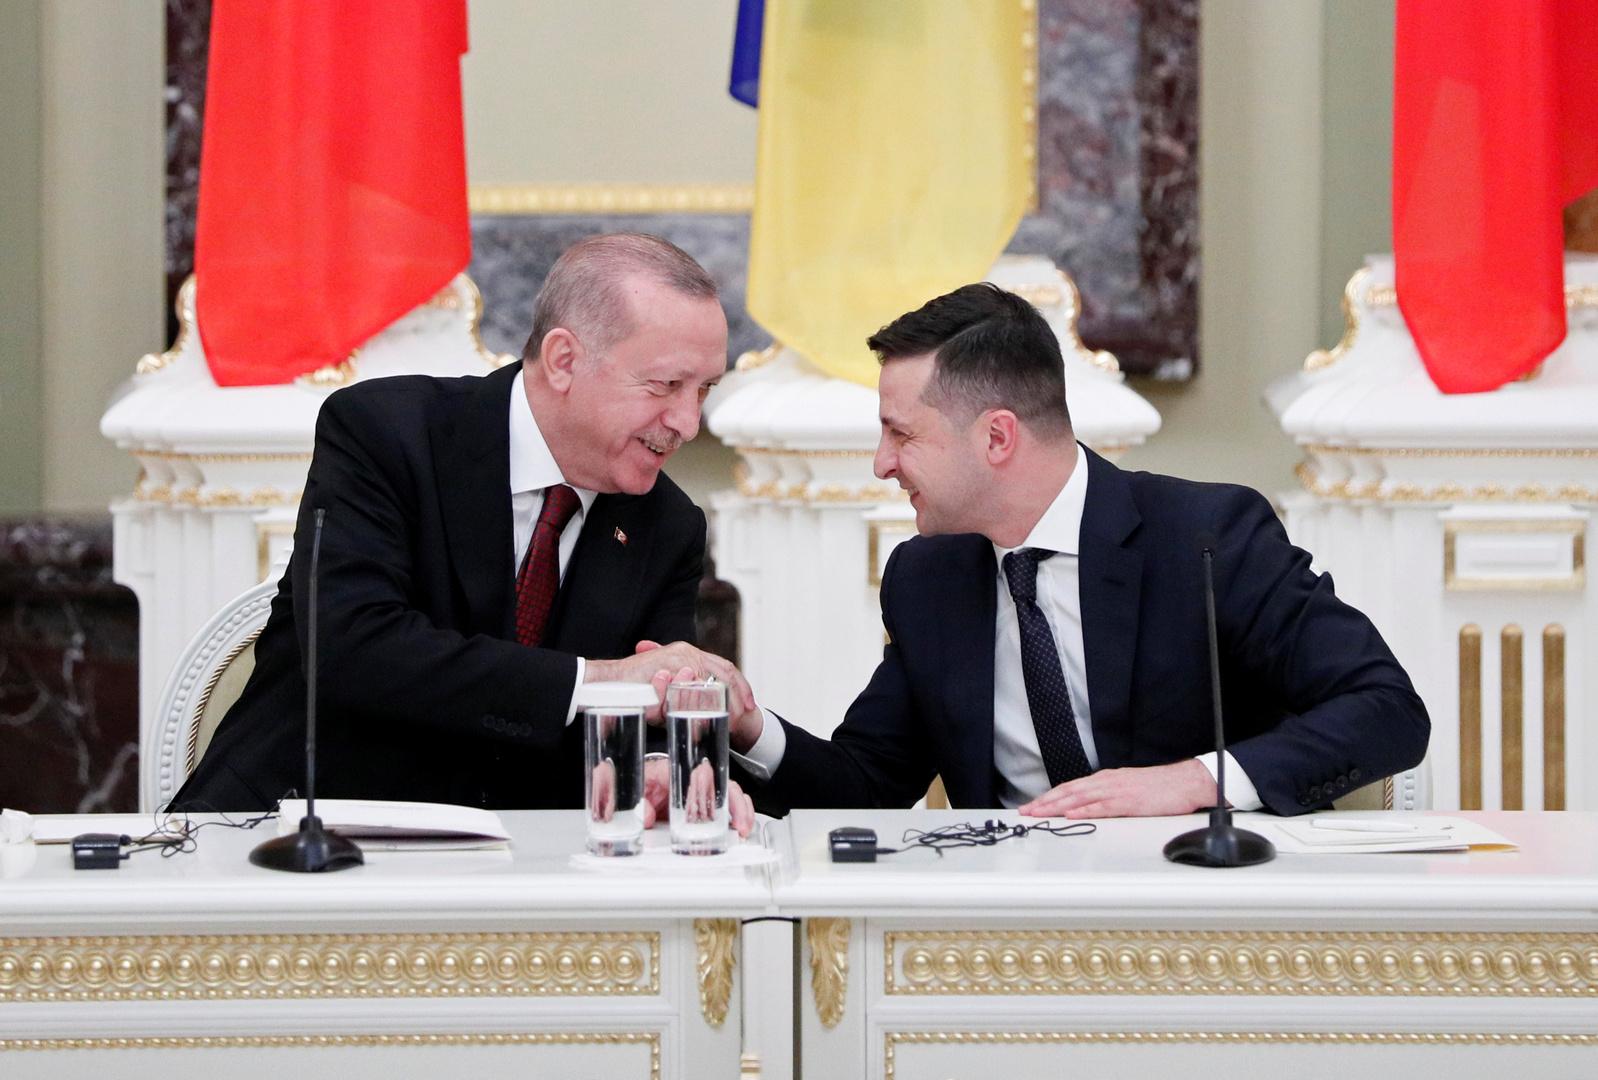 أردوغان يتواصل مع زيلينسكي من أجل الضغط على روسيا